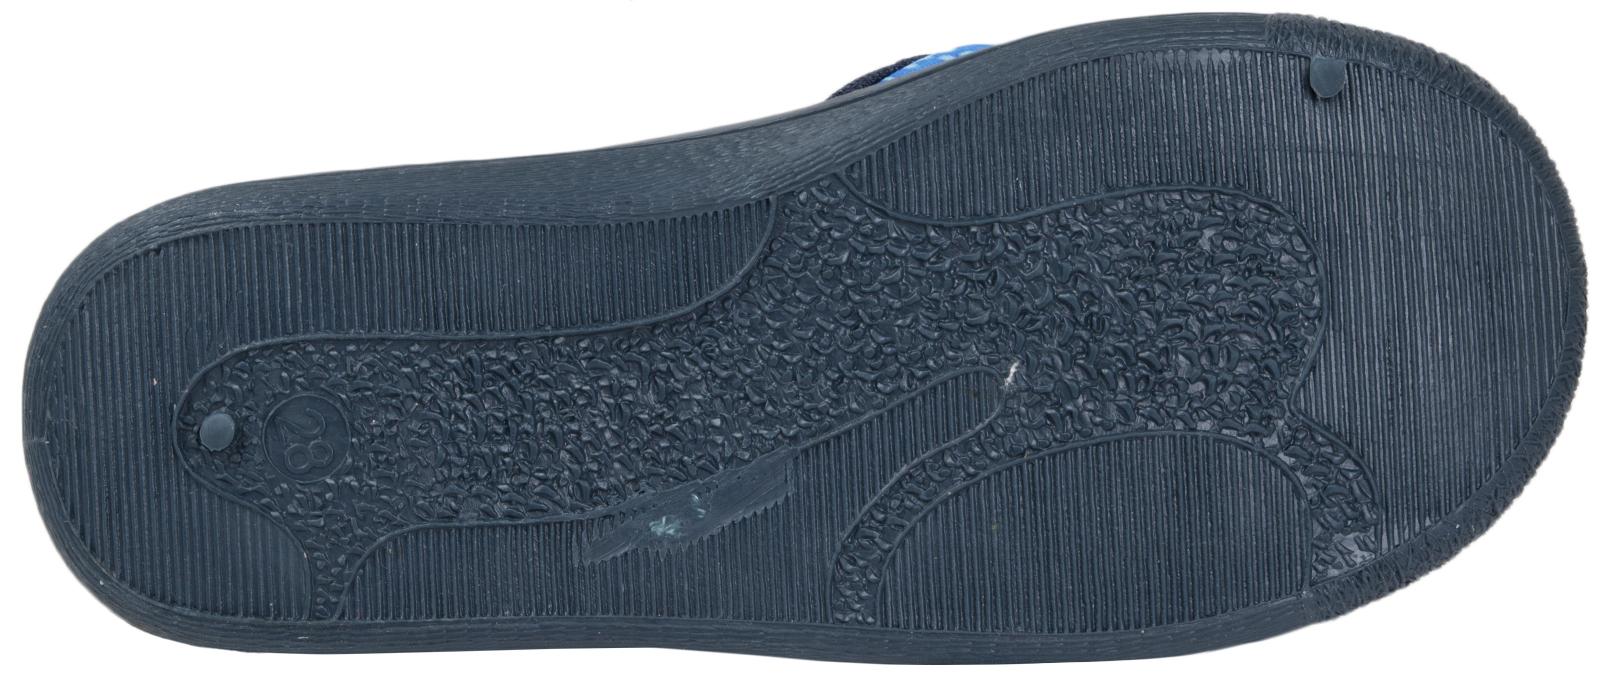 Chicos YO-KAI Reloj Zapatillas Slip On Elástico mulas Whisper Interior Zapatos Niños